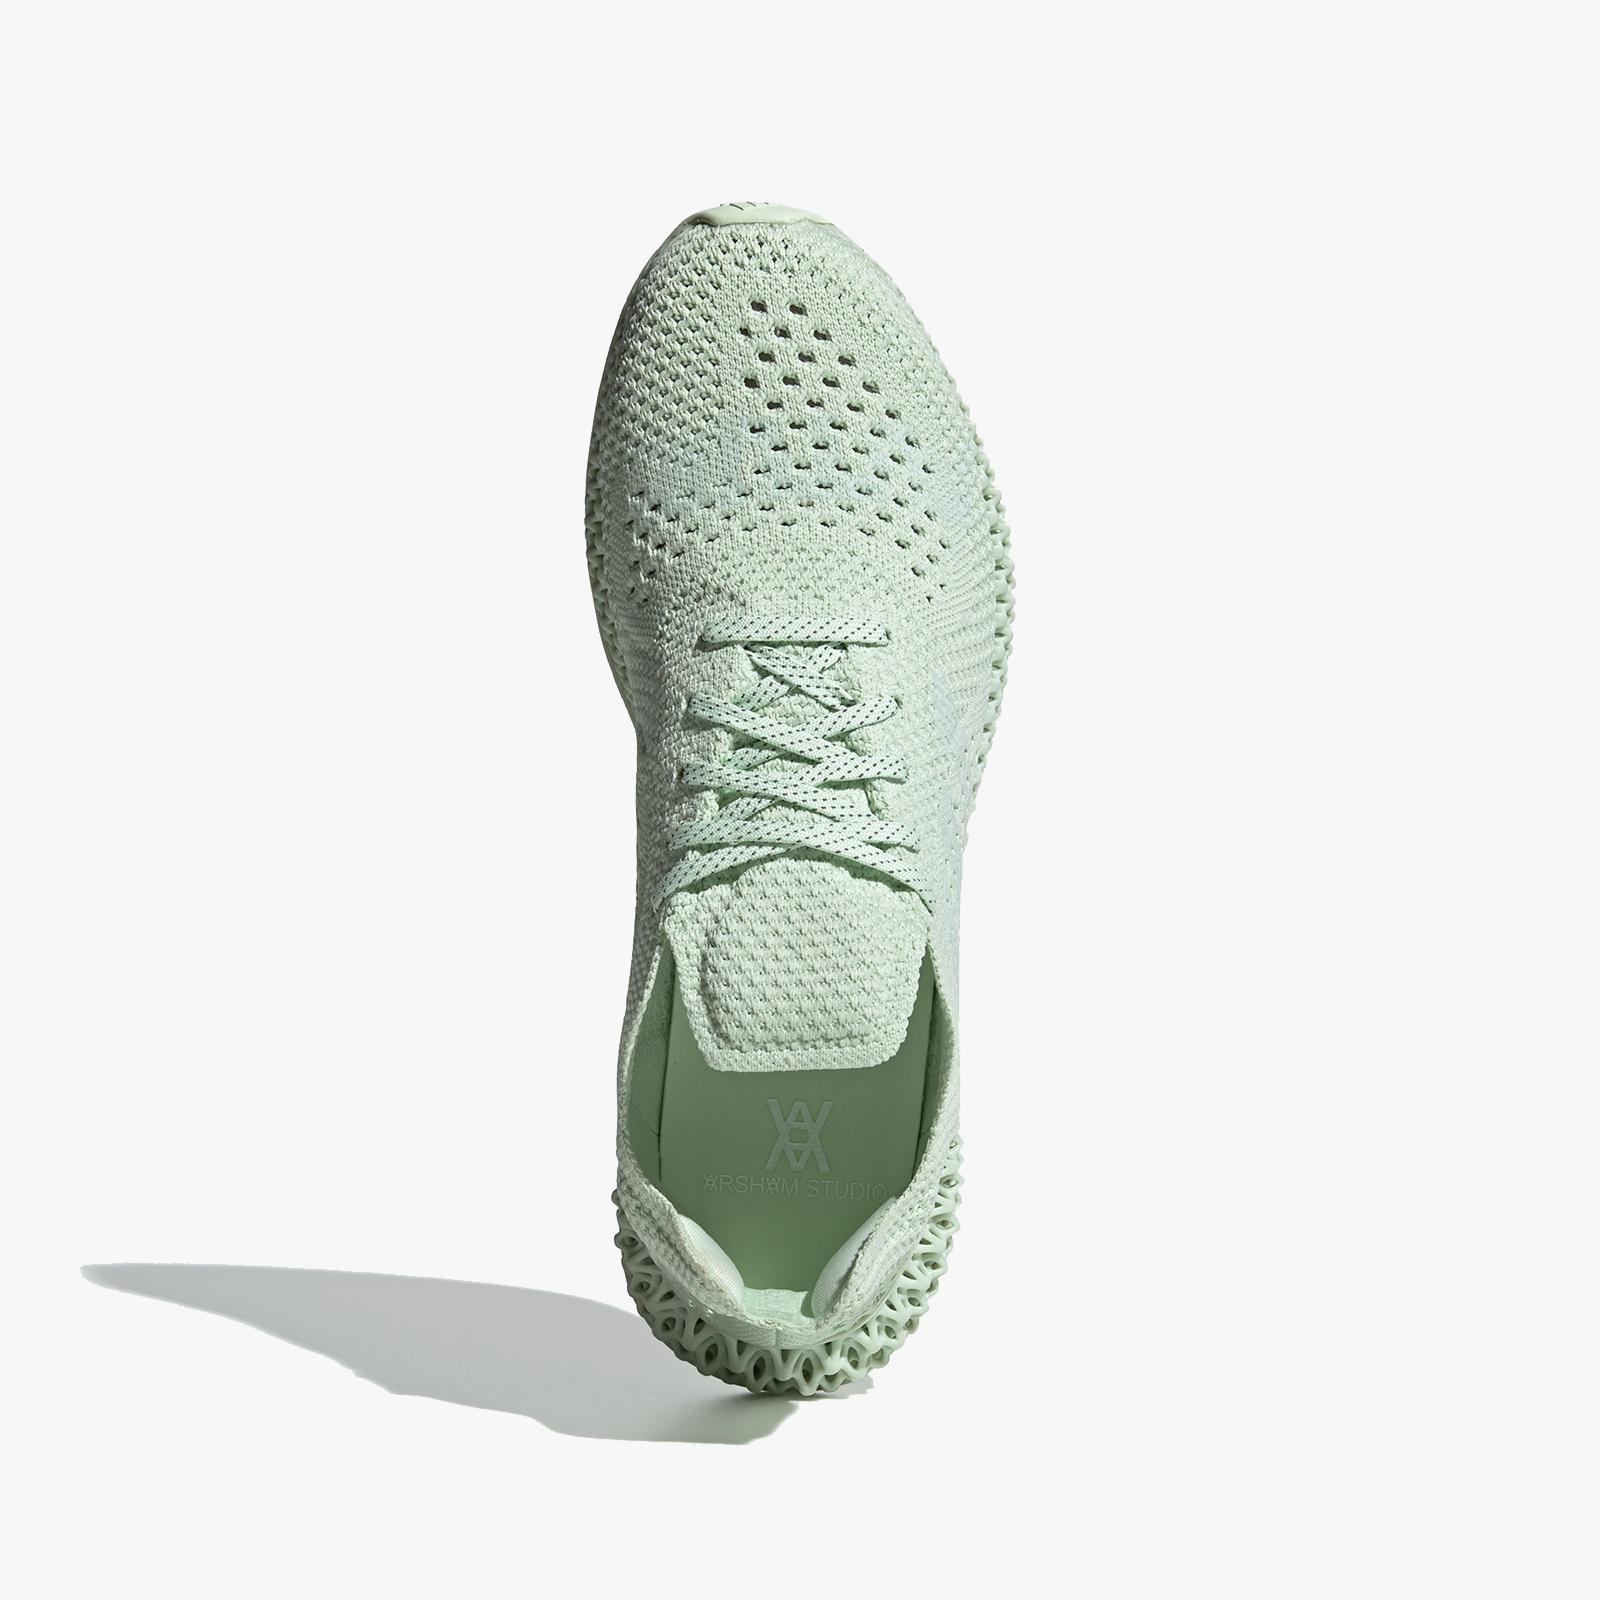 low priced 6250a 9675c ... adidas Consortium Future Runner 4D x Daniel Arsham ...